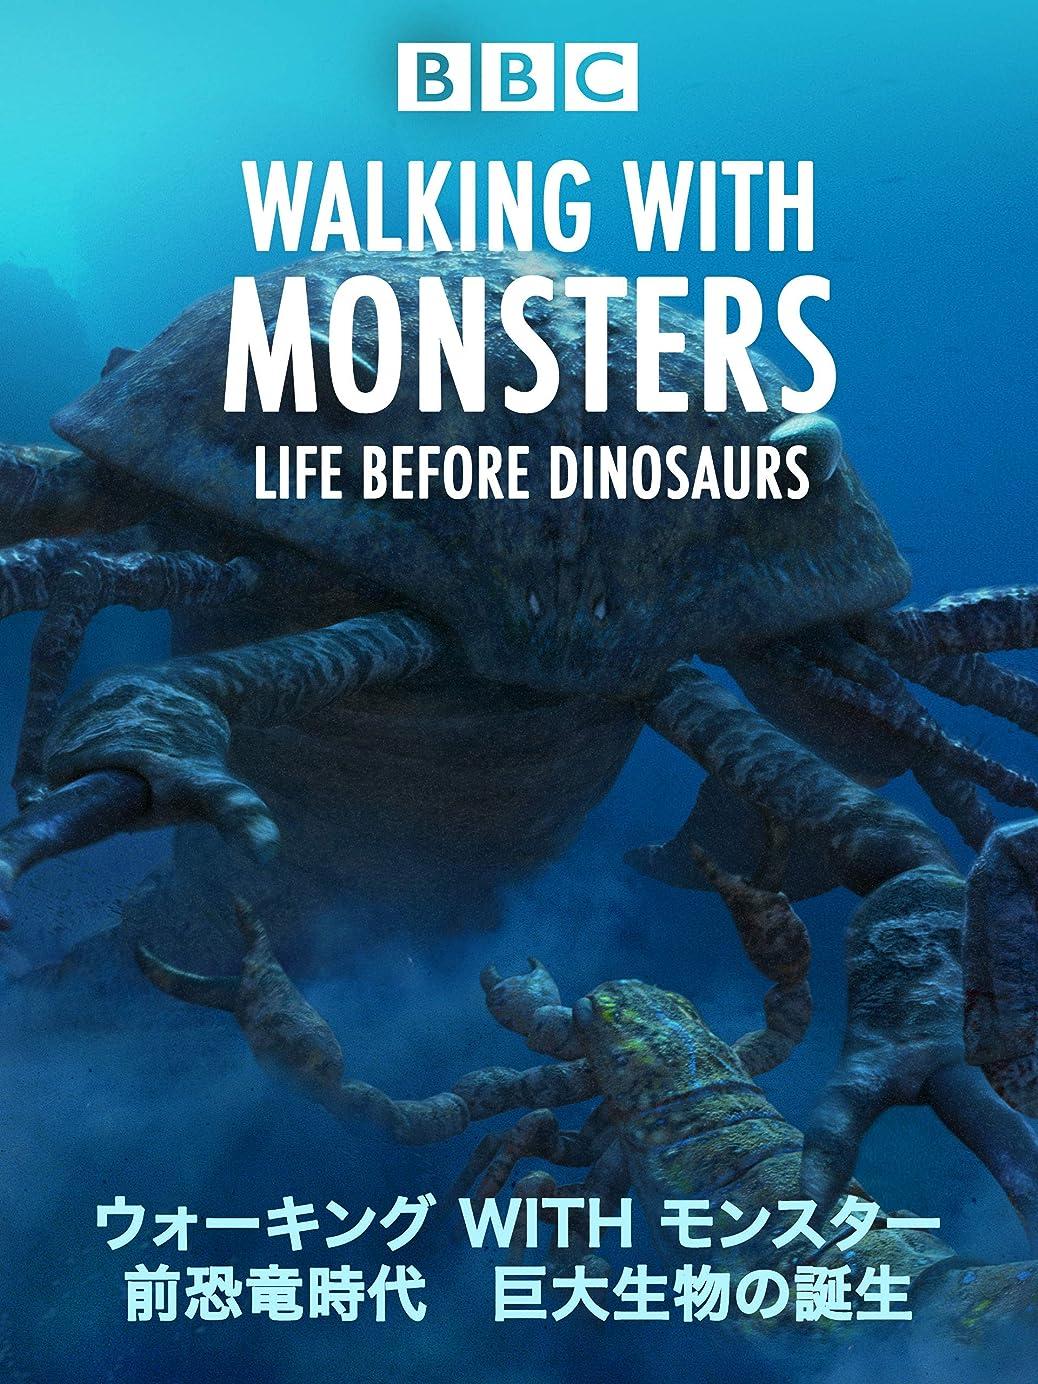 勧告ブラシフォルダウォーキングwithモンスター~前恐竜時代 巨大生物の誕生~(吹替版)